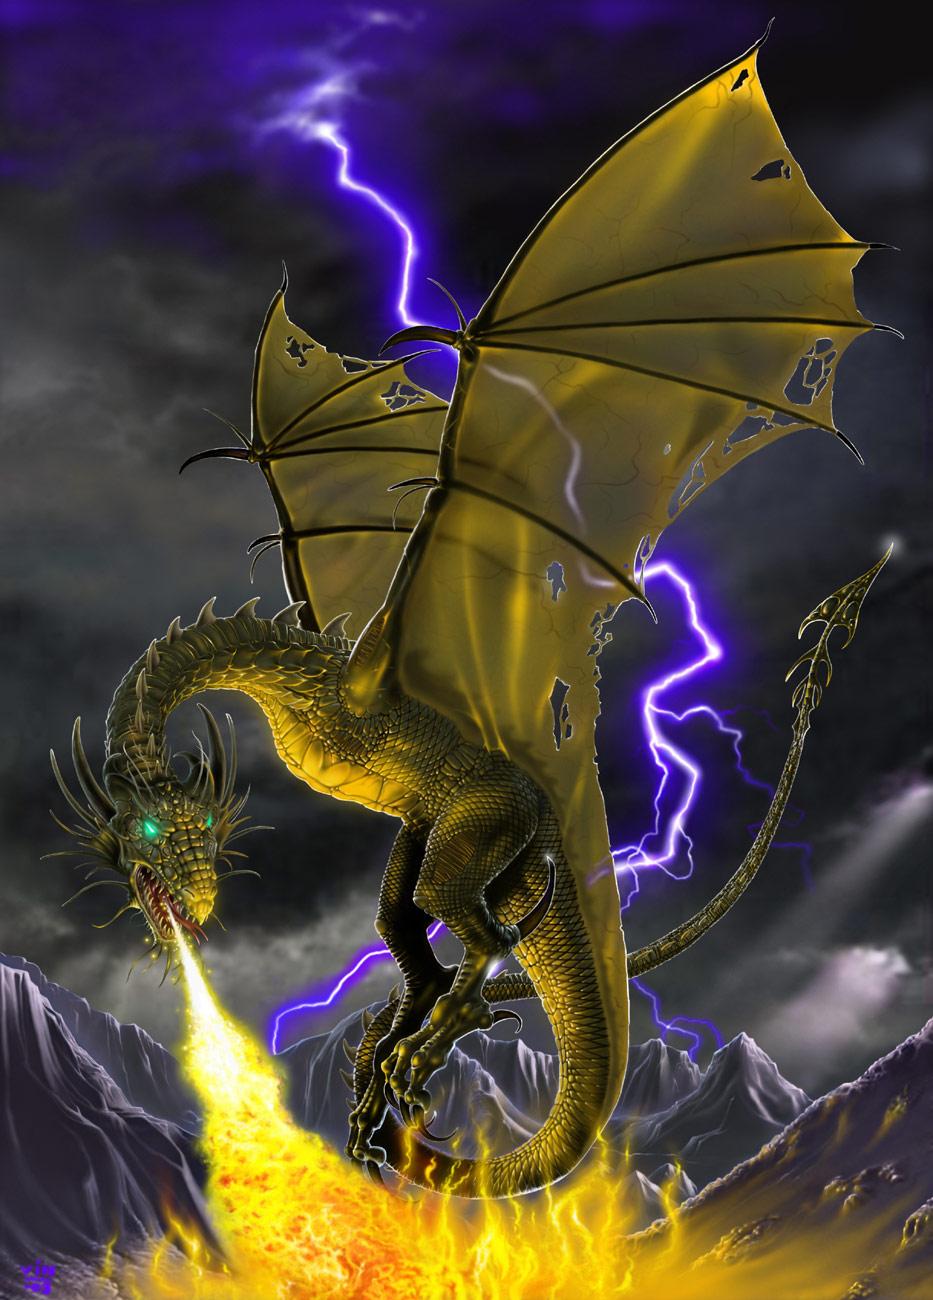 Гимнастикой прикольные, драконы картинки анимация